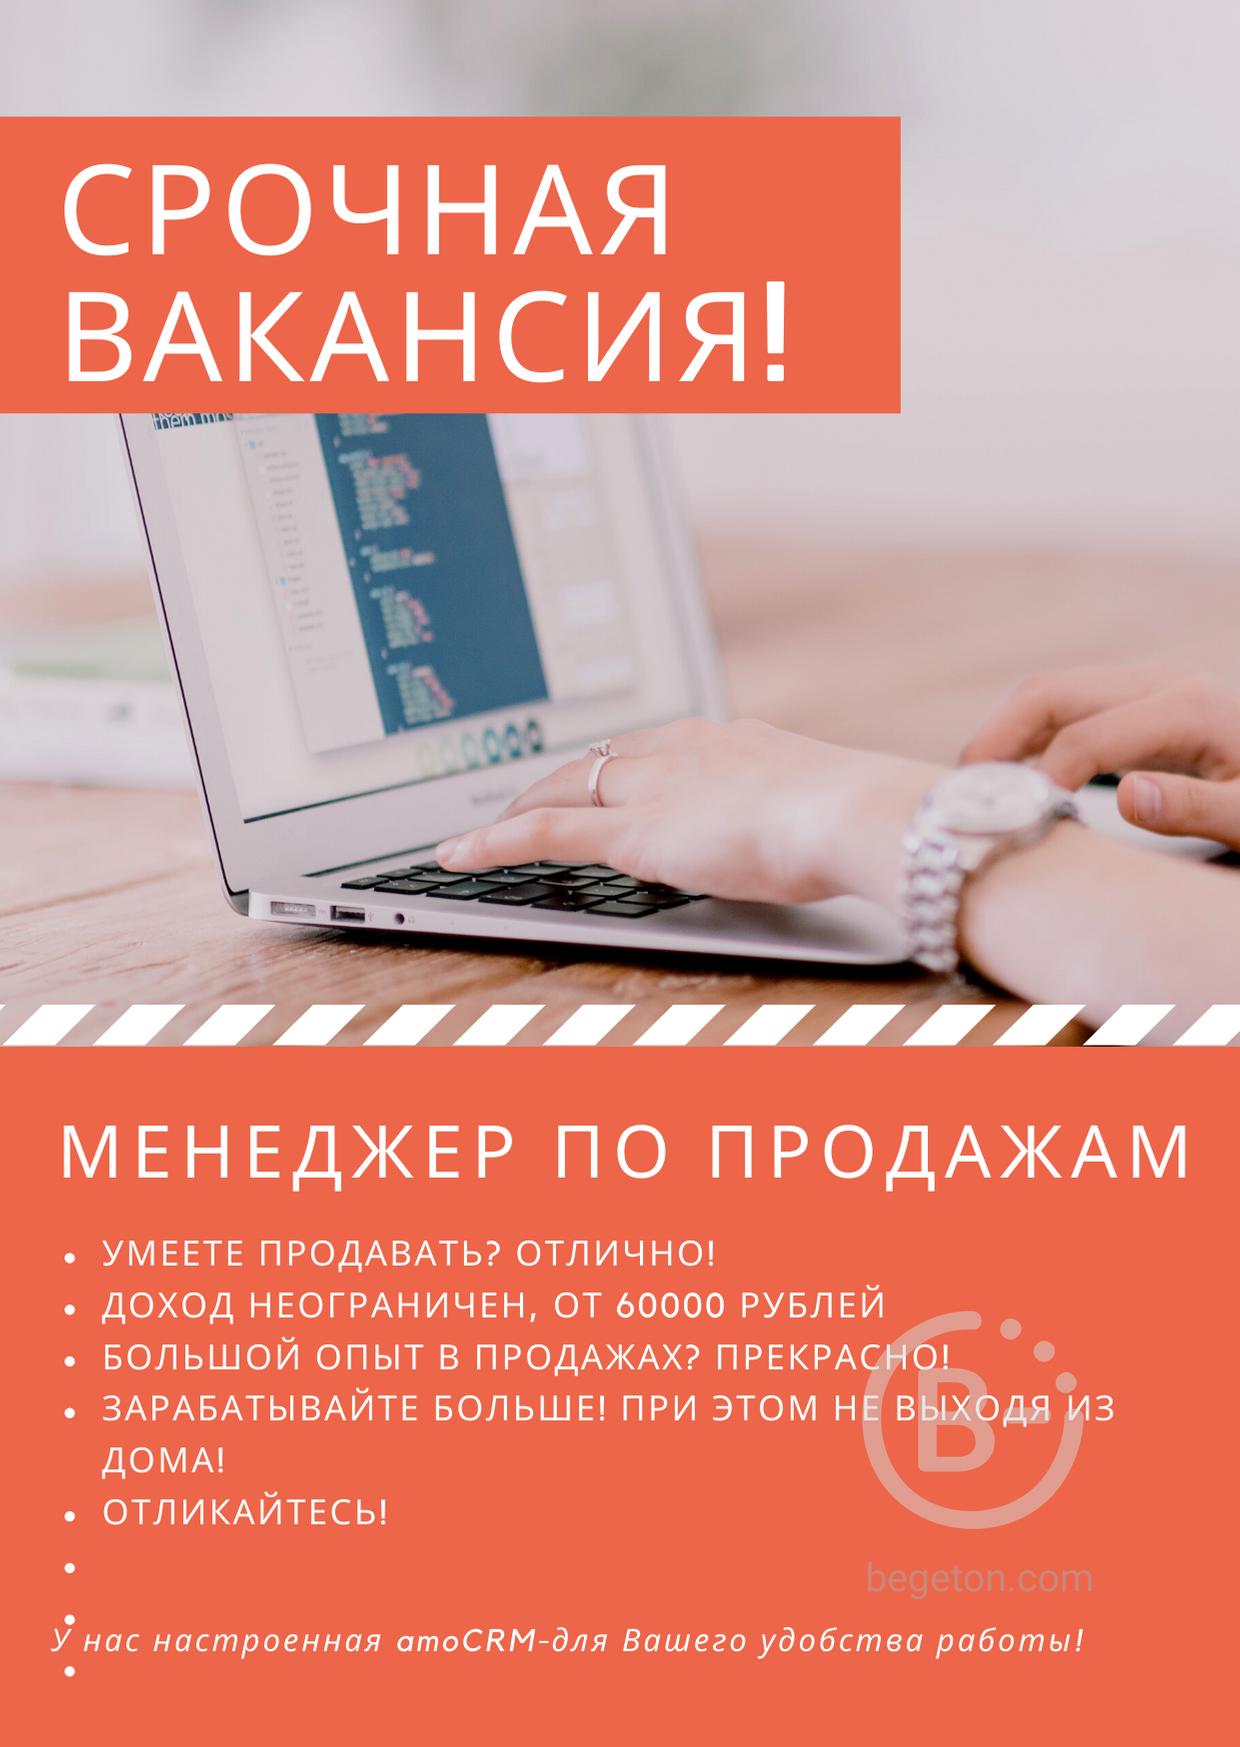 Ежедневная оплата вакансии москва фриланс фриланс оценщикам